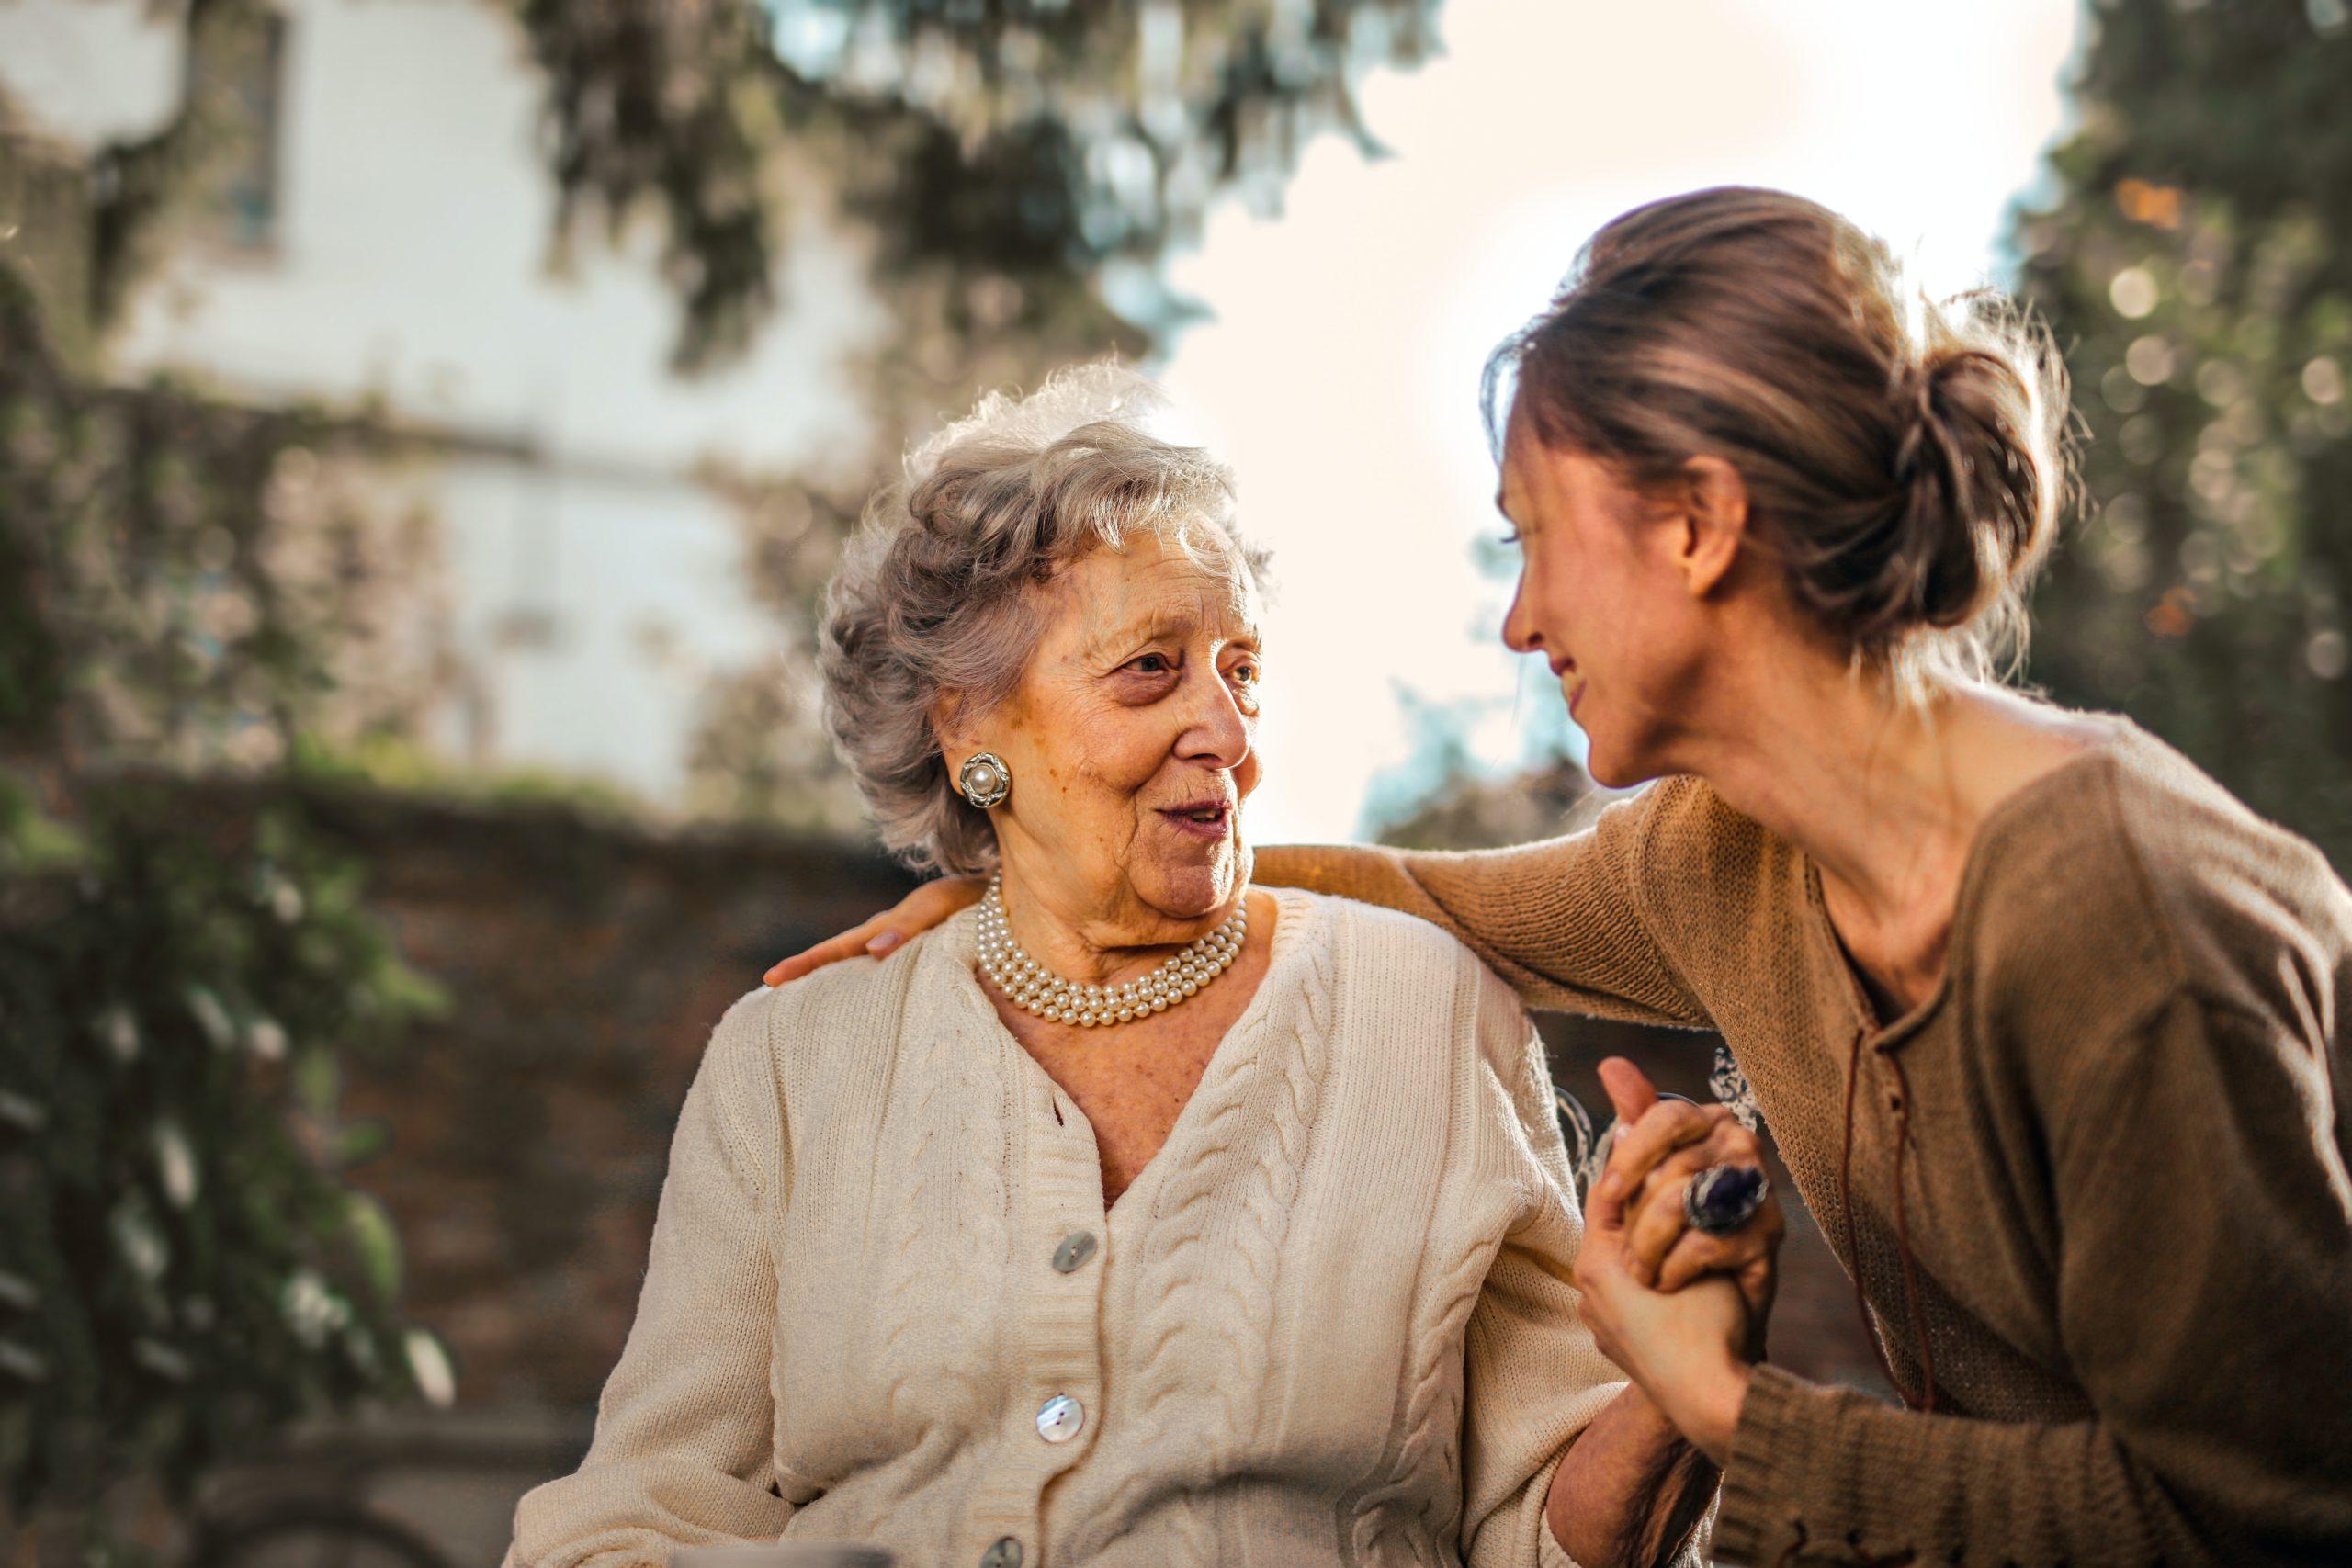 Pårørende - det er viktig med en helhetlig og god politikk for får pårørende